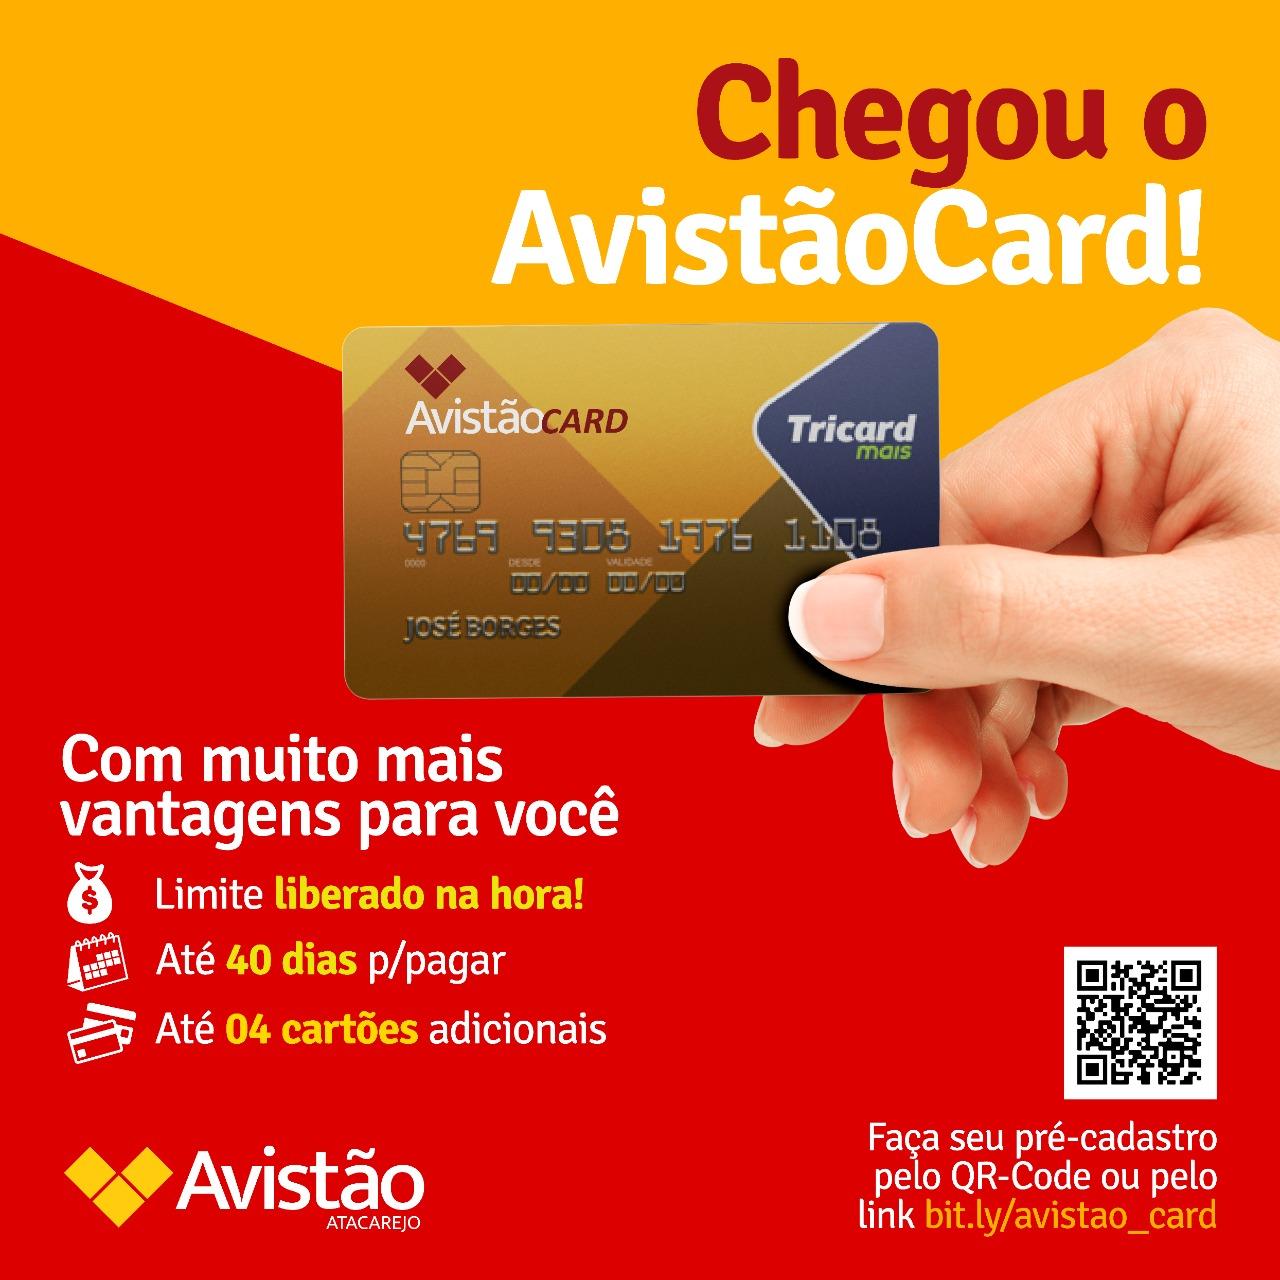 Chegou o Cartão de Crédito do Avistão